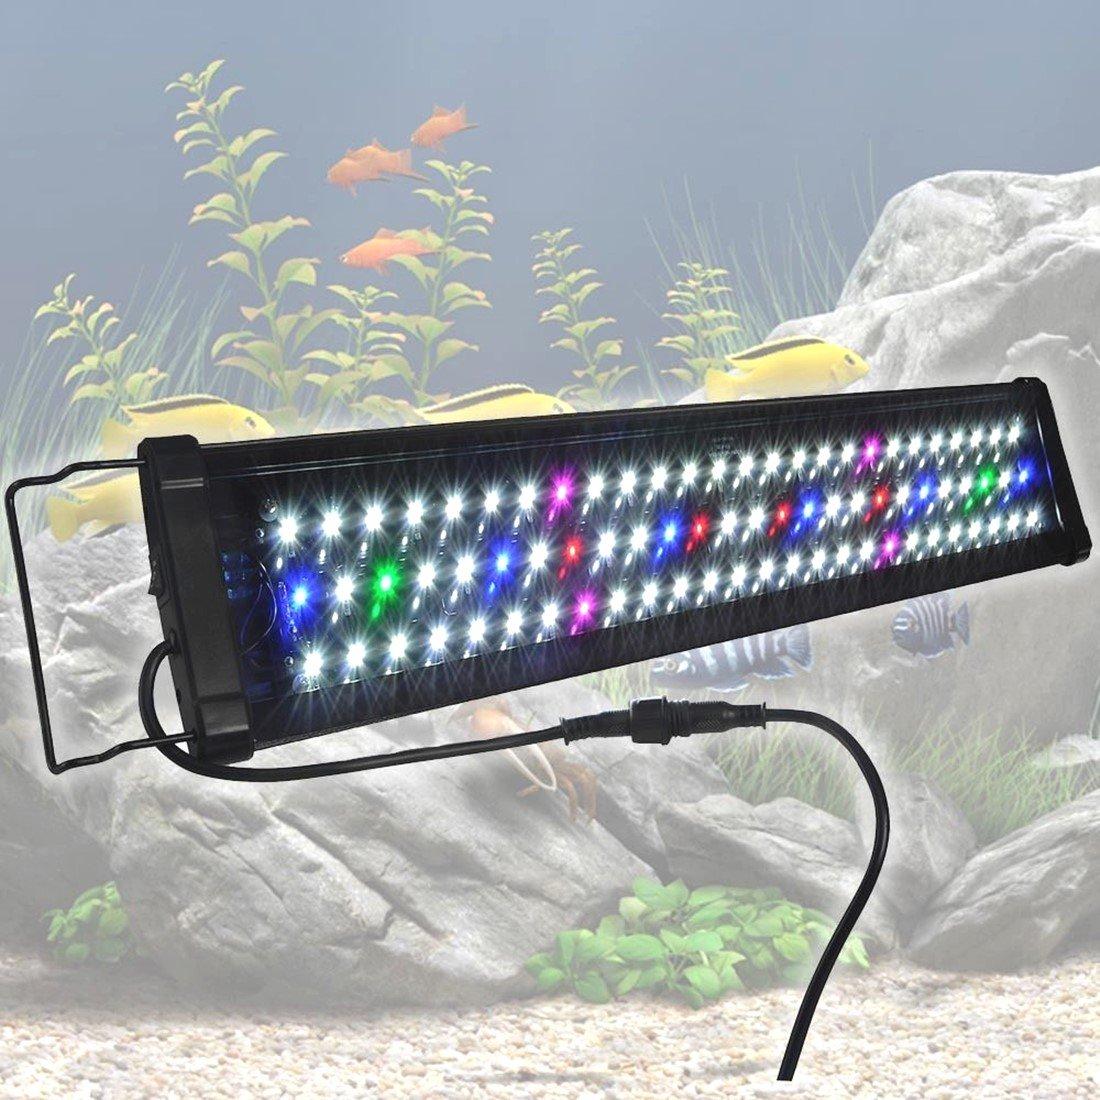 24'' 0.5W 78 LED Aquarium Light Multi-Color Full Spectrum Lamp 24''-30'' Fish Tank